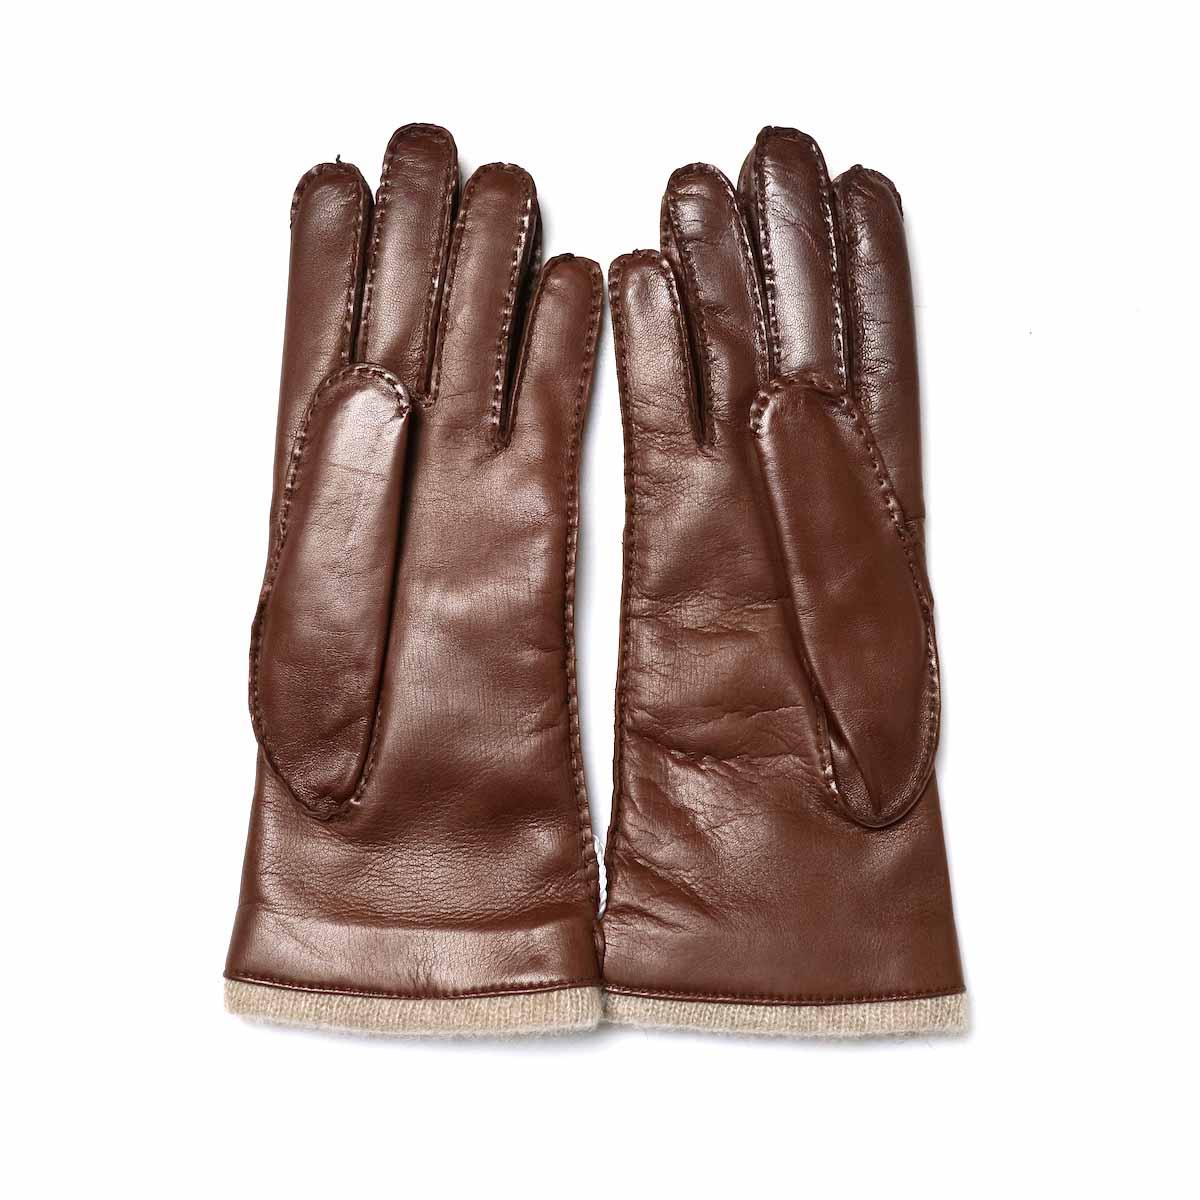 Italguanto / Leather Glove 内側